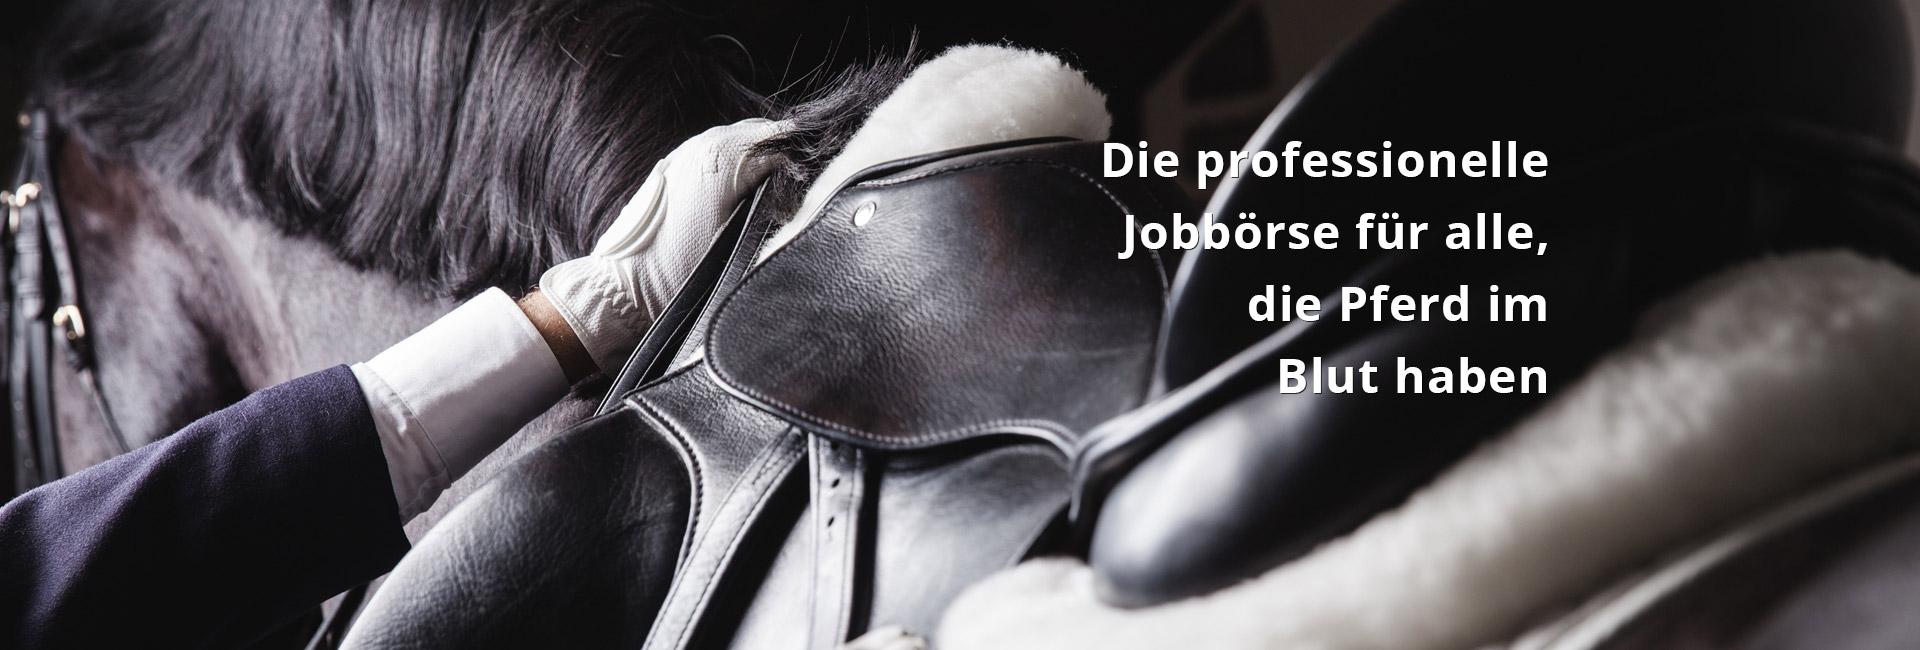 Traum-Job mit Pferden im Ausland? Kein Problem!